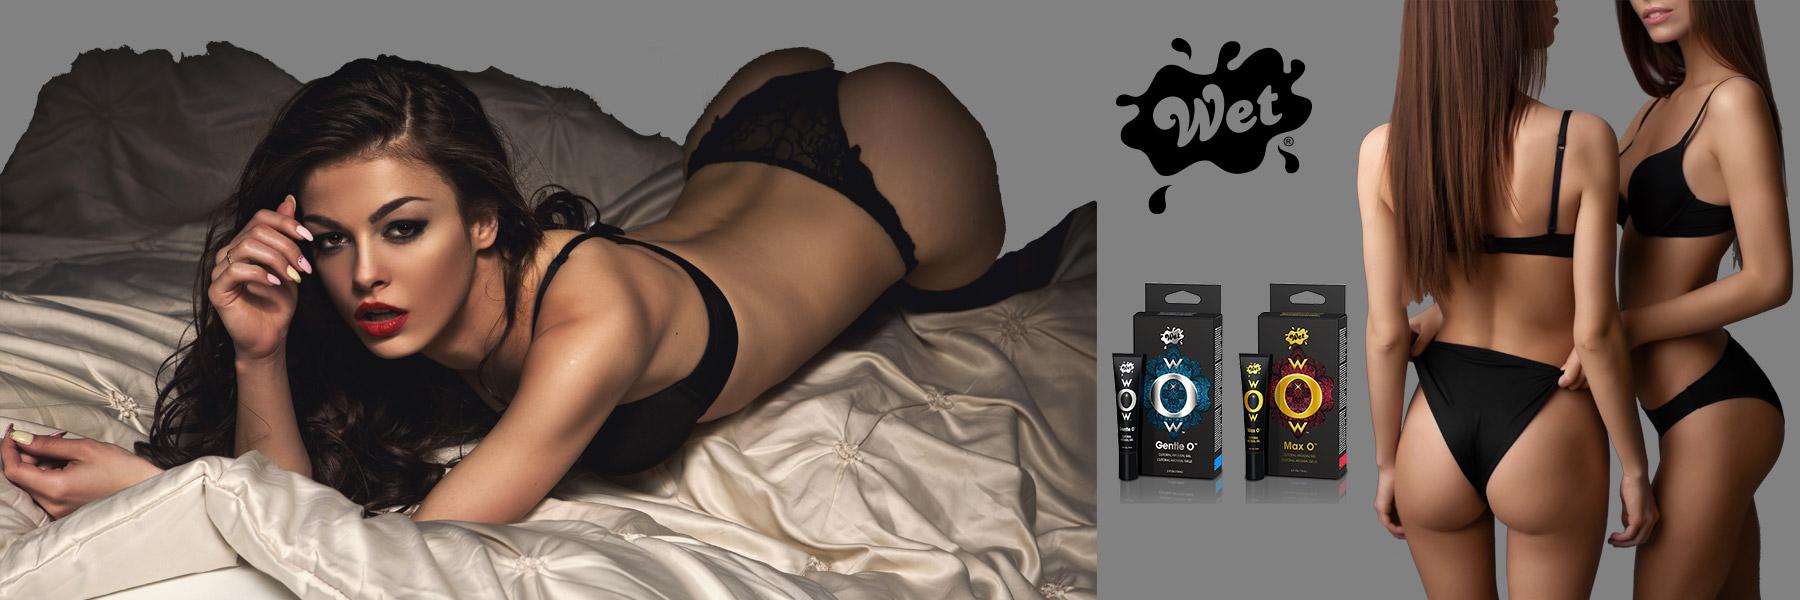 bedtimetoys-6-1800x600-web.jpg